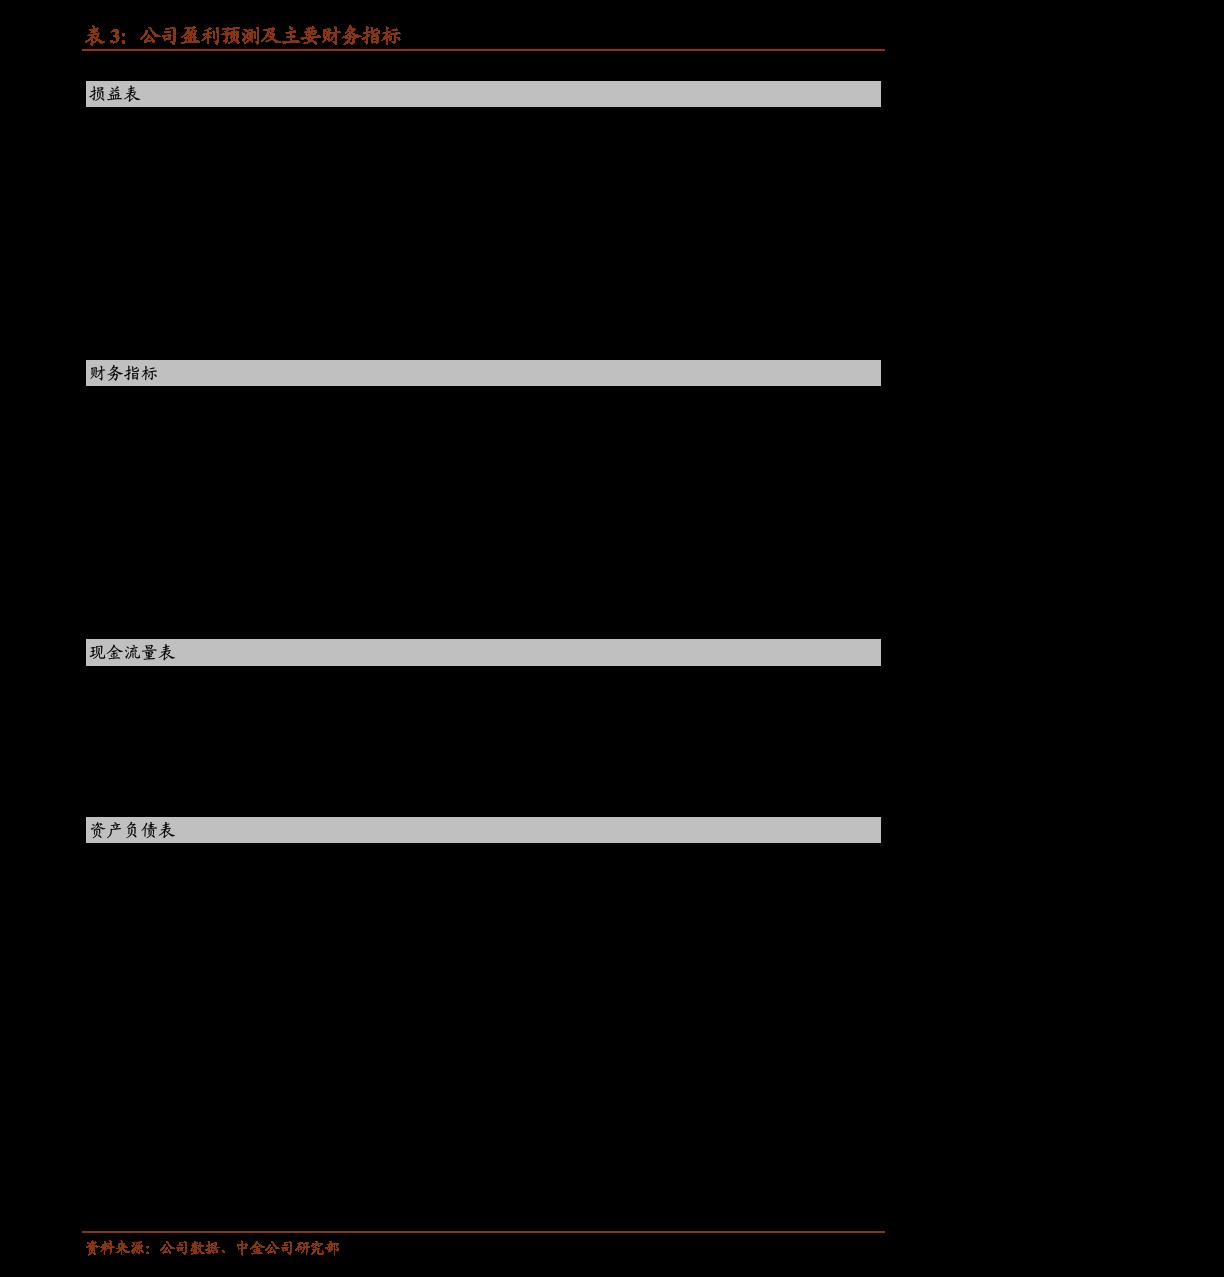 国盛雷火电竞平台-风华高科-000636-紧跟景气大力扩产,MLCC国产替代最强音-210113